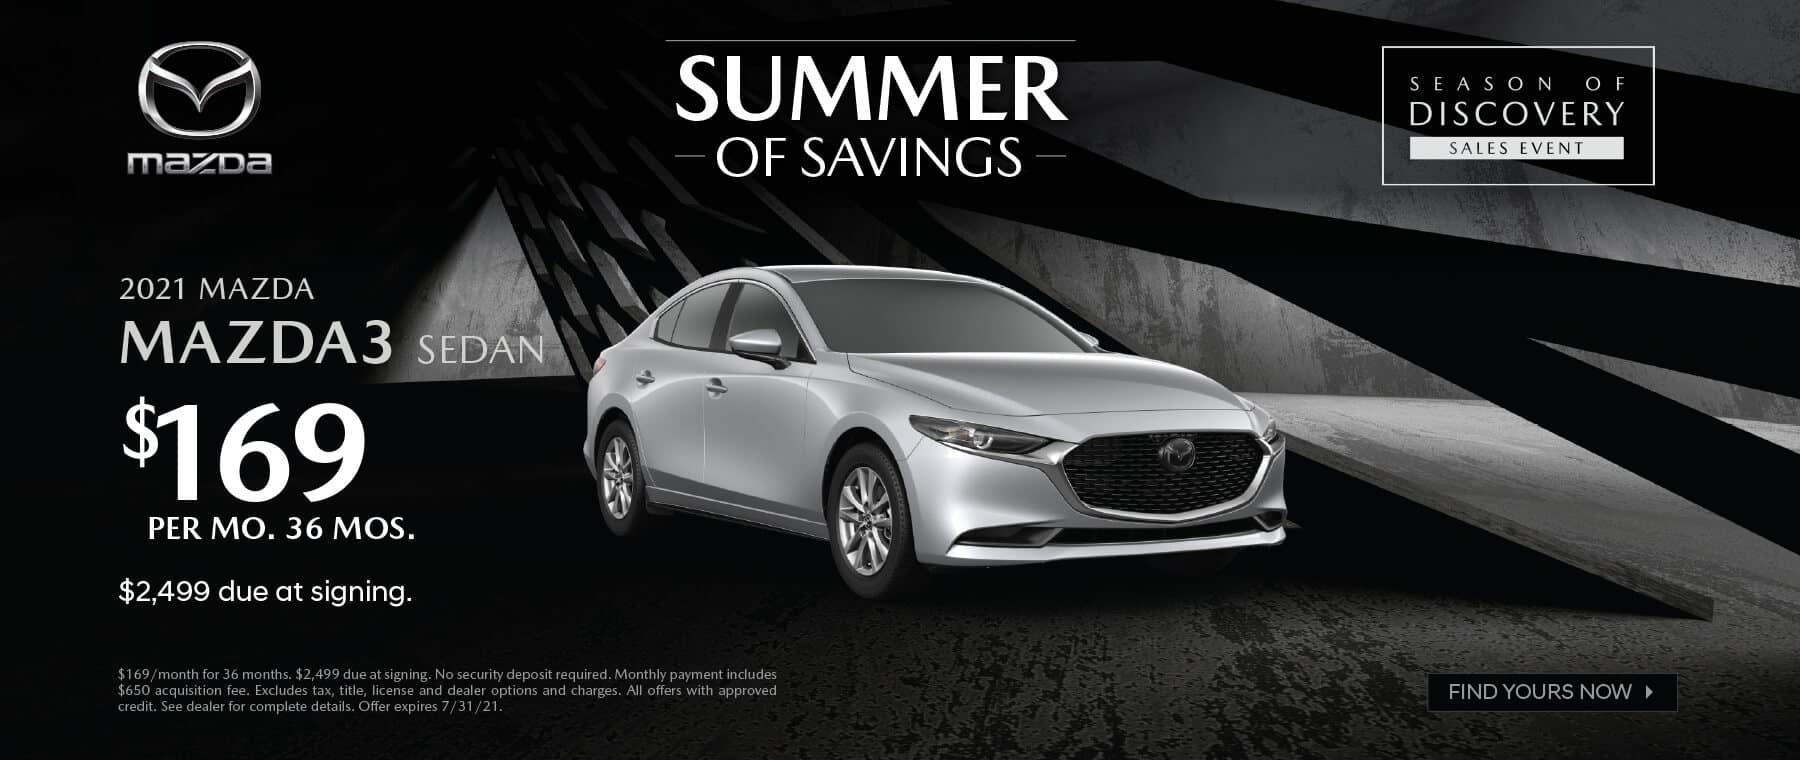 2021.06.02-Keffer-Mazda-JUNE_JULY-Web-Banners-S52475vw-1